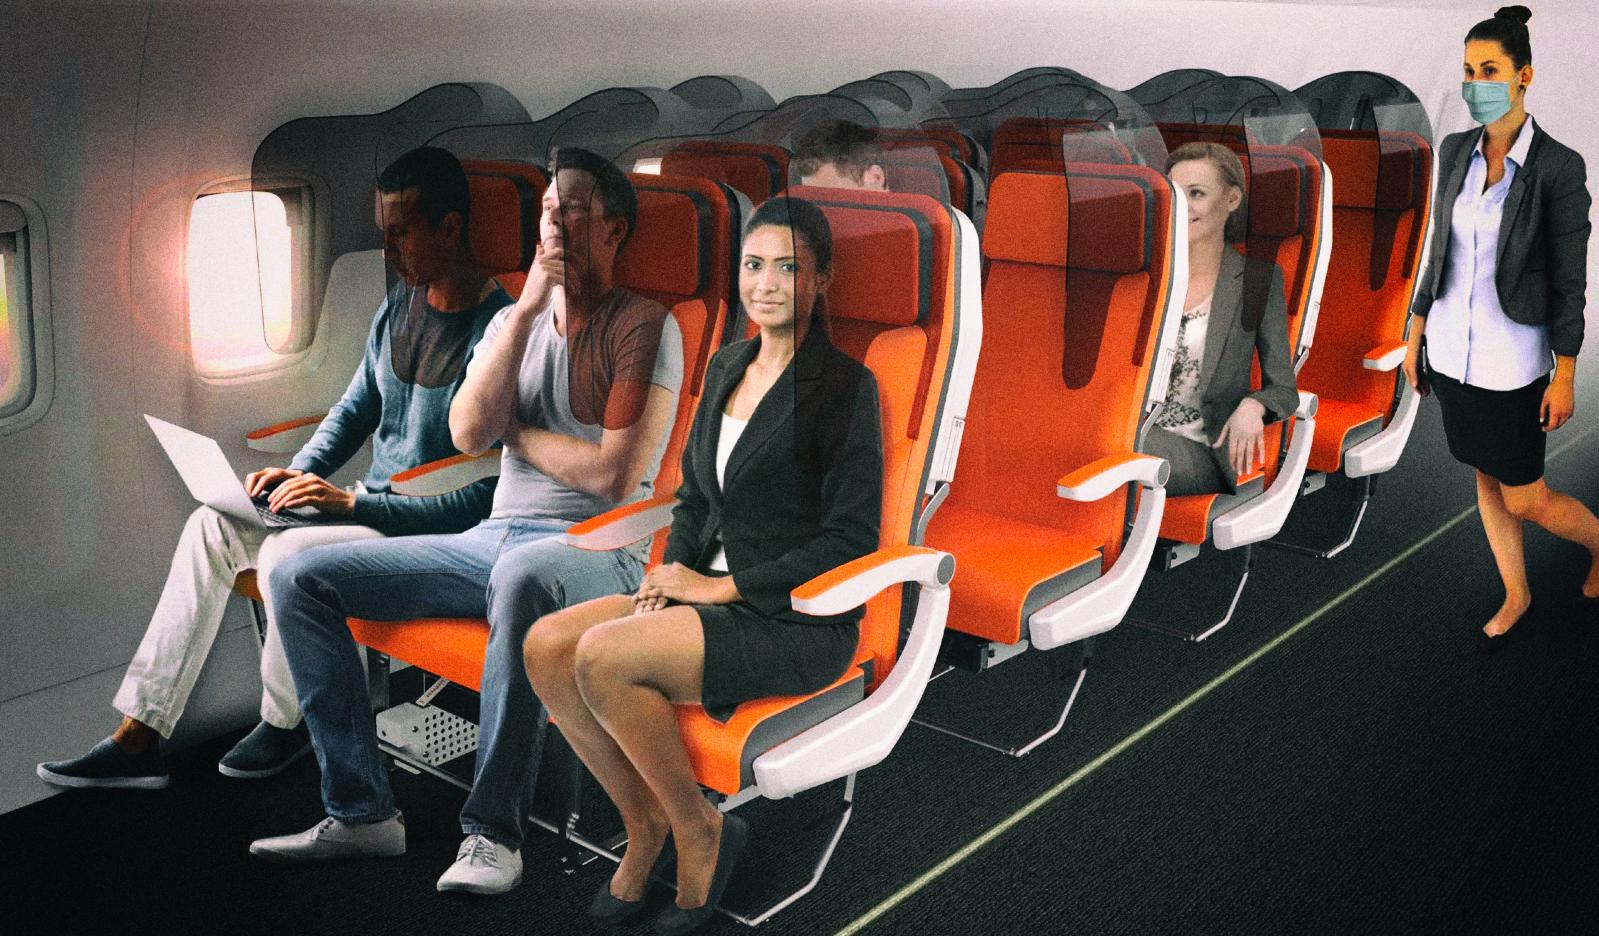 Пассажиров в самолетах предлагают отделить друг от друга перегородками